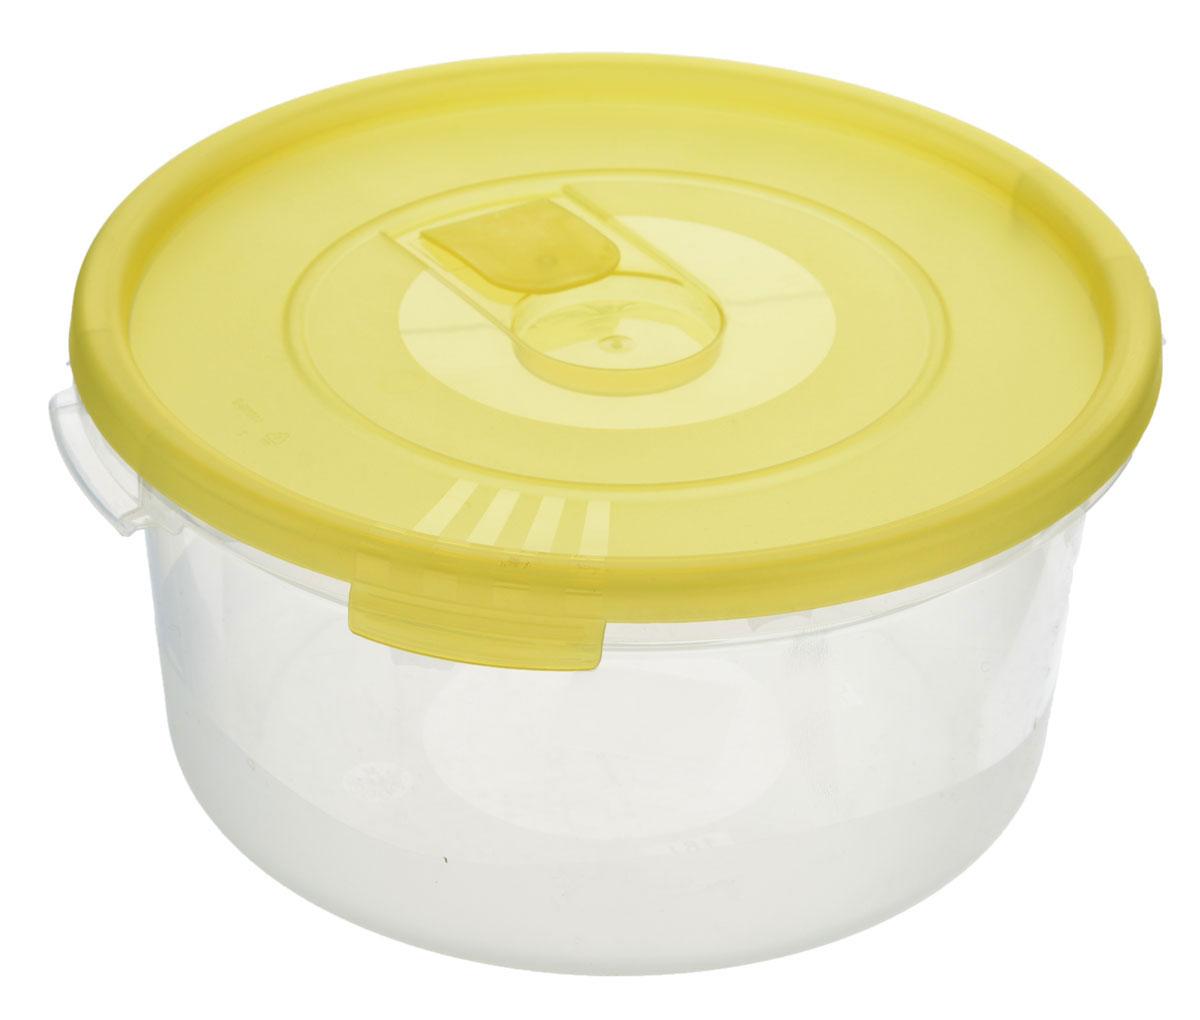 Контейнер Полимербыт Смайл, цвет: прозрачный, желтый, 1,6 лС522_желтыйКонтейнер Полимербыт Смайл круглой формы, изготовленный из прочного пластика, предназначен специально для хранения пищевых продуктов. Контейнер оснащен герметичной крышкой со специальным клапаном, благодаря которому внутри создается вакуум, и продукты дольше сохраняют свежесть и аромат. Крышка легко открывается и плотно закрывается. Стенки контейнера прозрачные - хорошо видно, что внутри. Контейнер устойчив к воздействию масел и жиров, легко моется. Имеет возможность хранения продуктов глубокой заморозки, обладает высокой прочностью. Можно мыть в посудомоечной машине. Подходит для использования в микроволновых печах. Диаметр: 20 см. Высота (без крышки): 9 см.